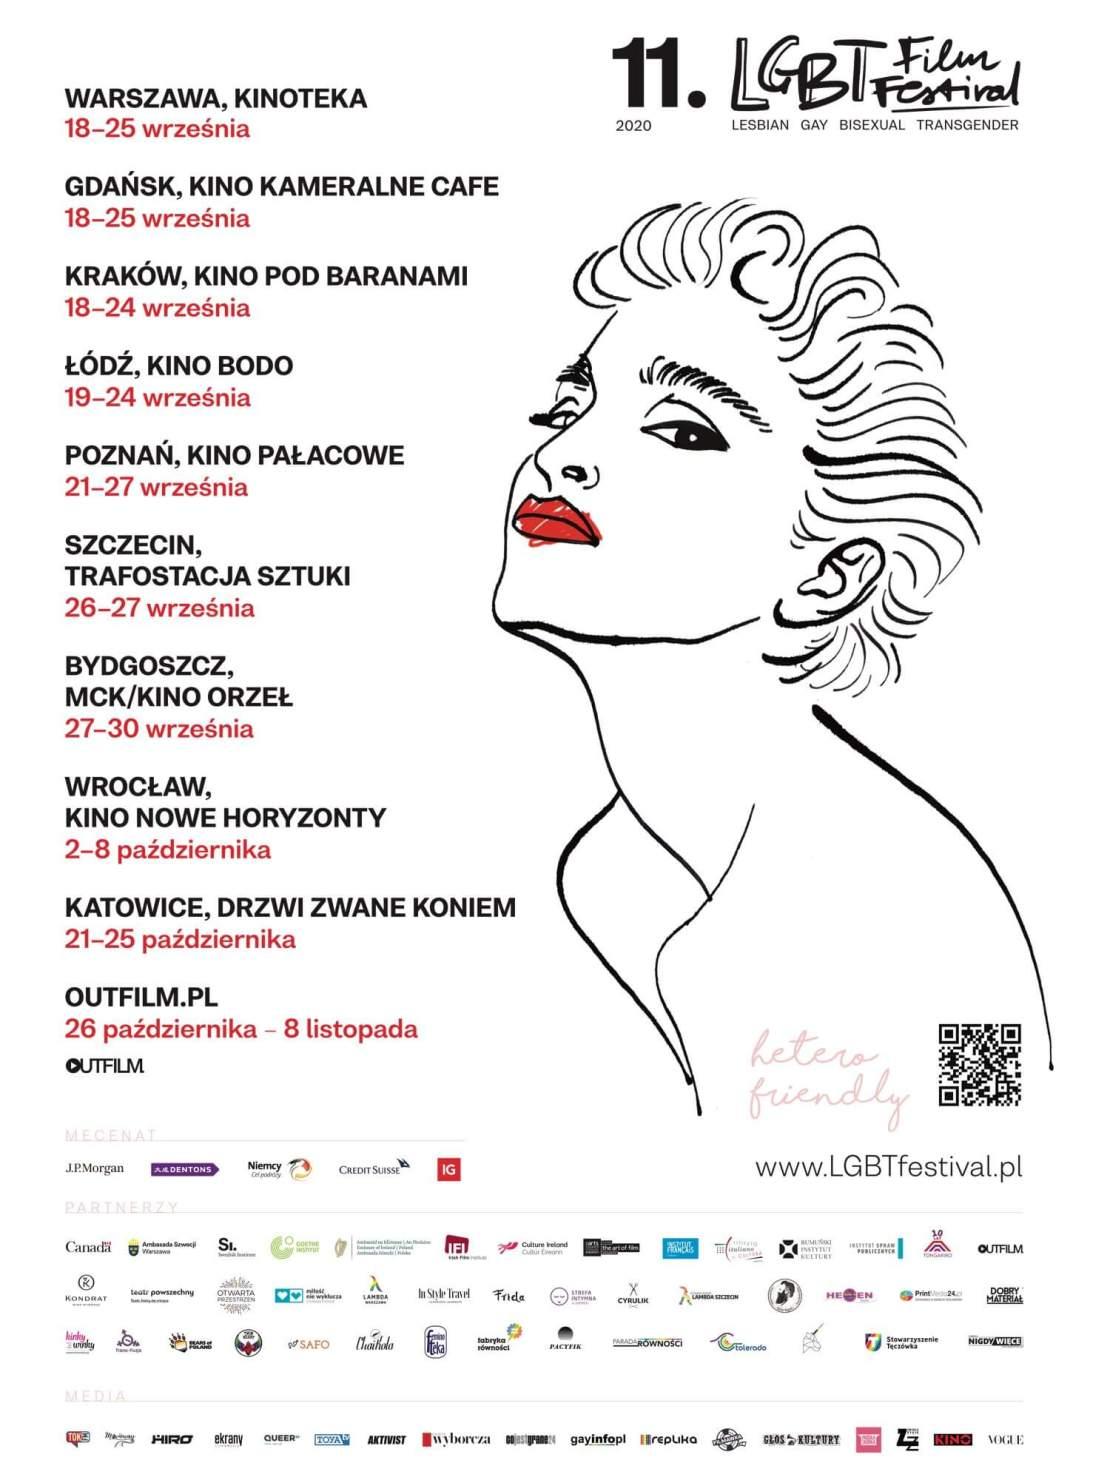 Plakat 11. LGBT Film Festival 2020